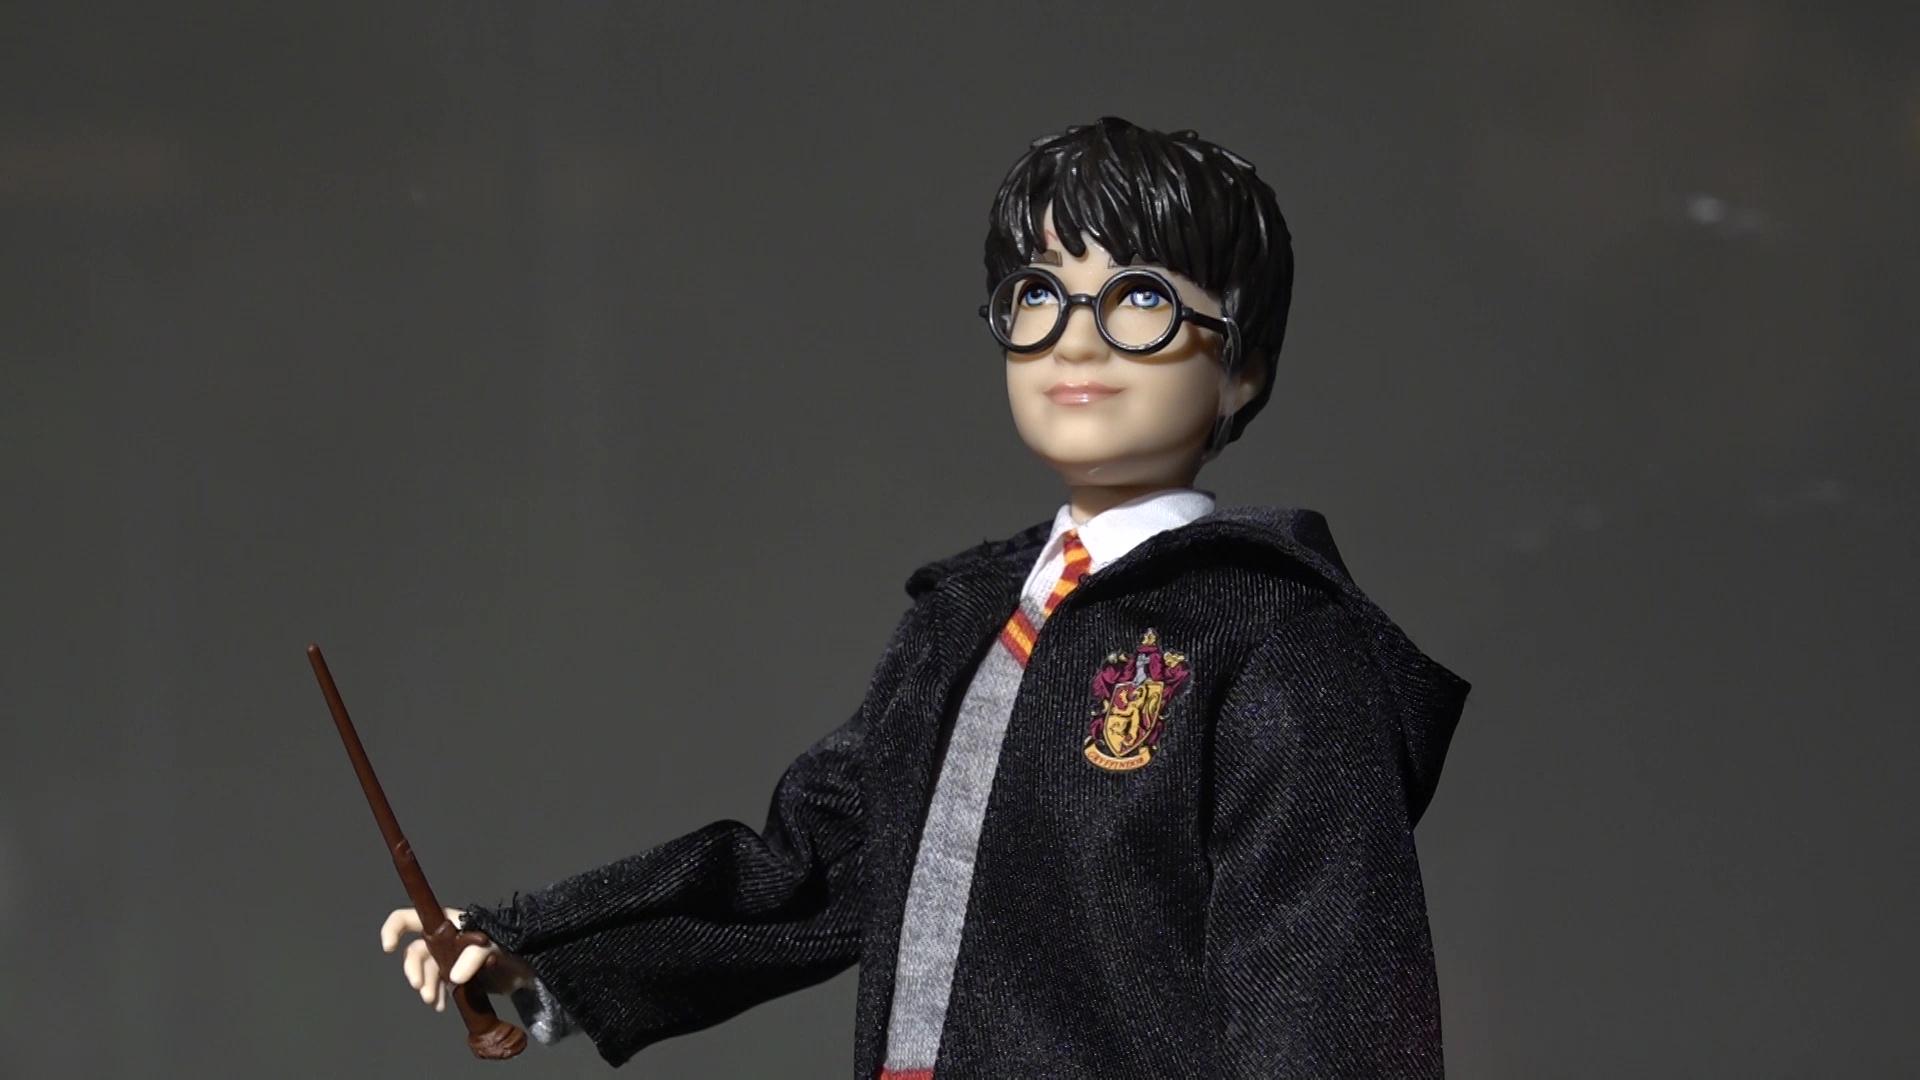 В музее зарубежного искусства открылась выставка, посвященная Гарри Поттеру